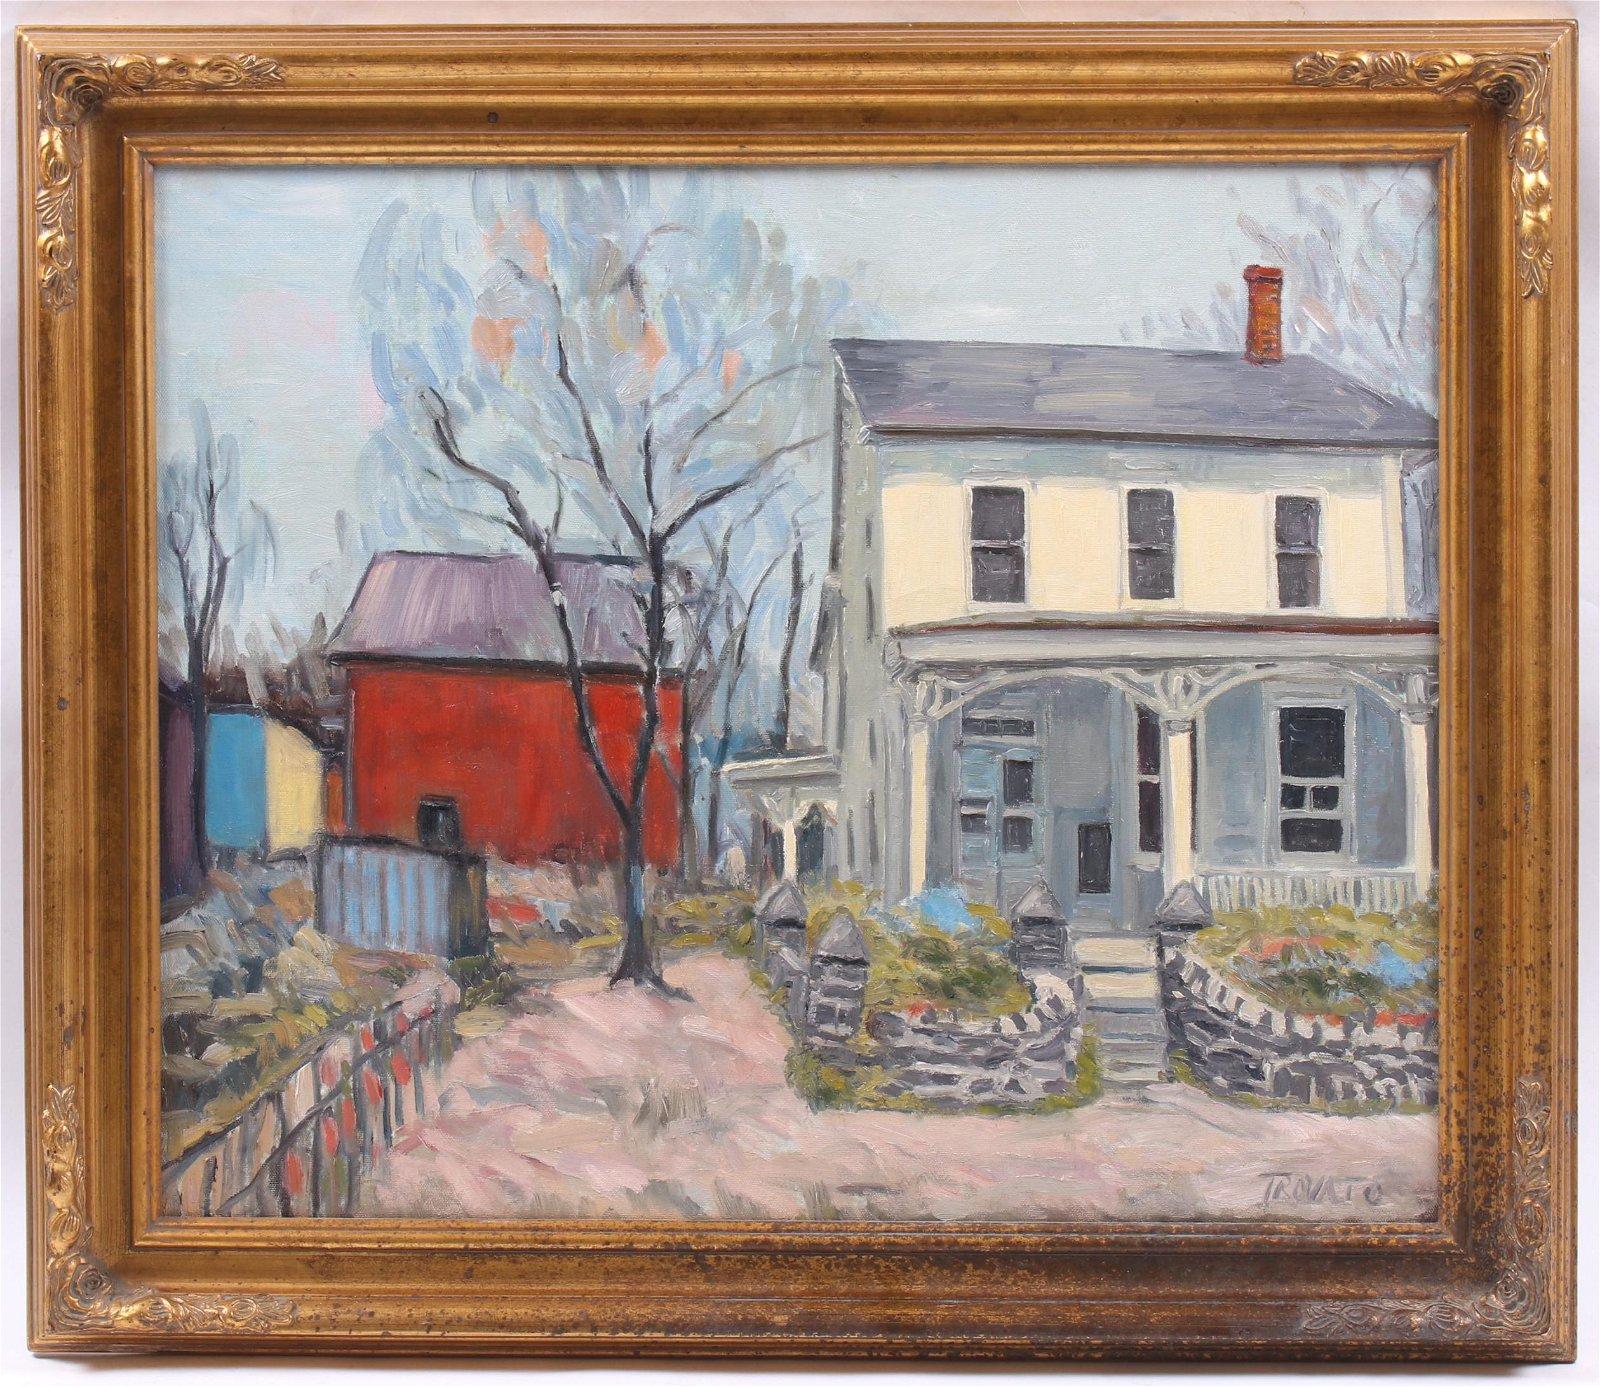 Michael Trovato (Born 1962) Oil on Canvas